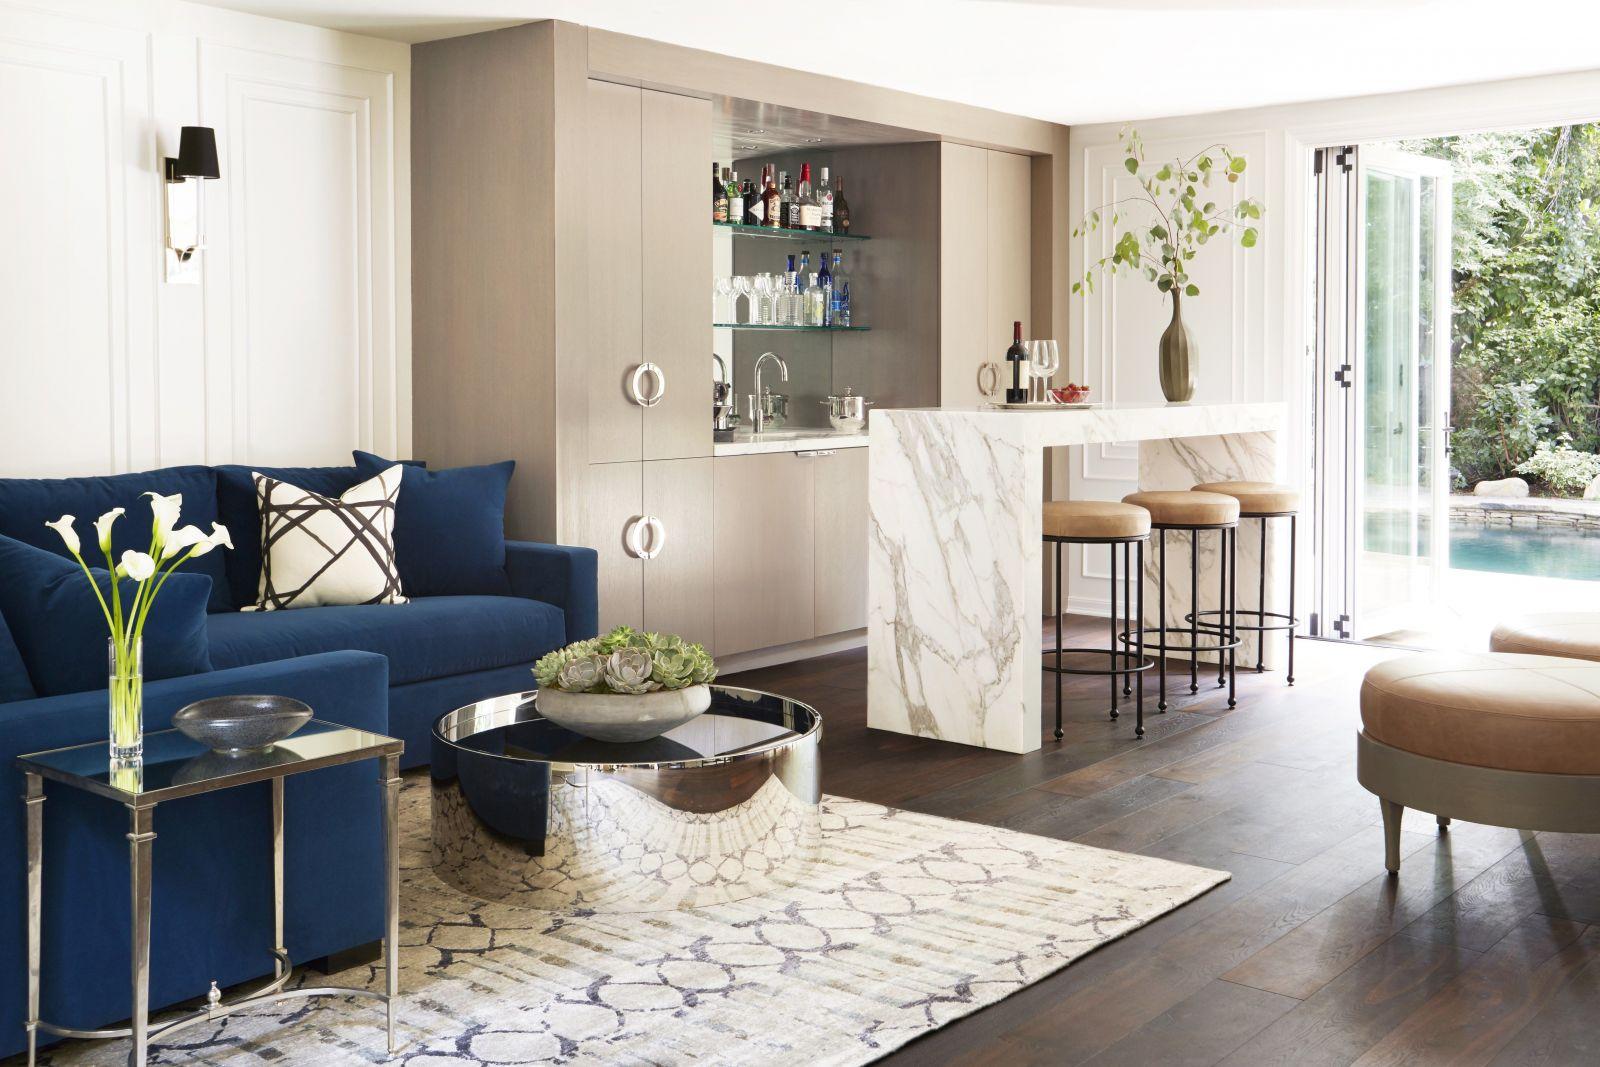 Quầy bar gia đình mang lại cảm giác thoải mái với tủ bếp thiết kế riêng, ghế bar kiểu đơn giản và vẻ đẹp từ không gian mở bên ngoài.